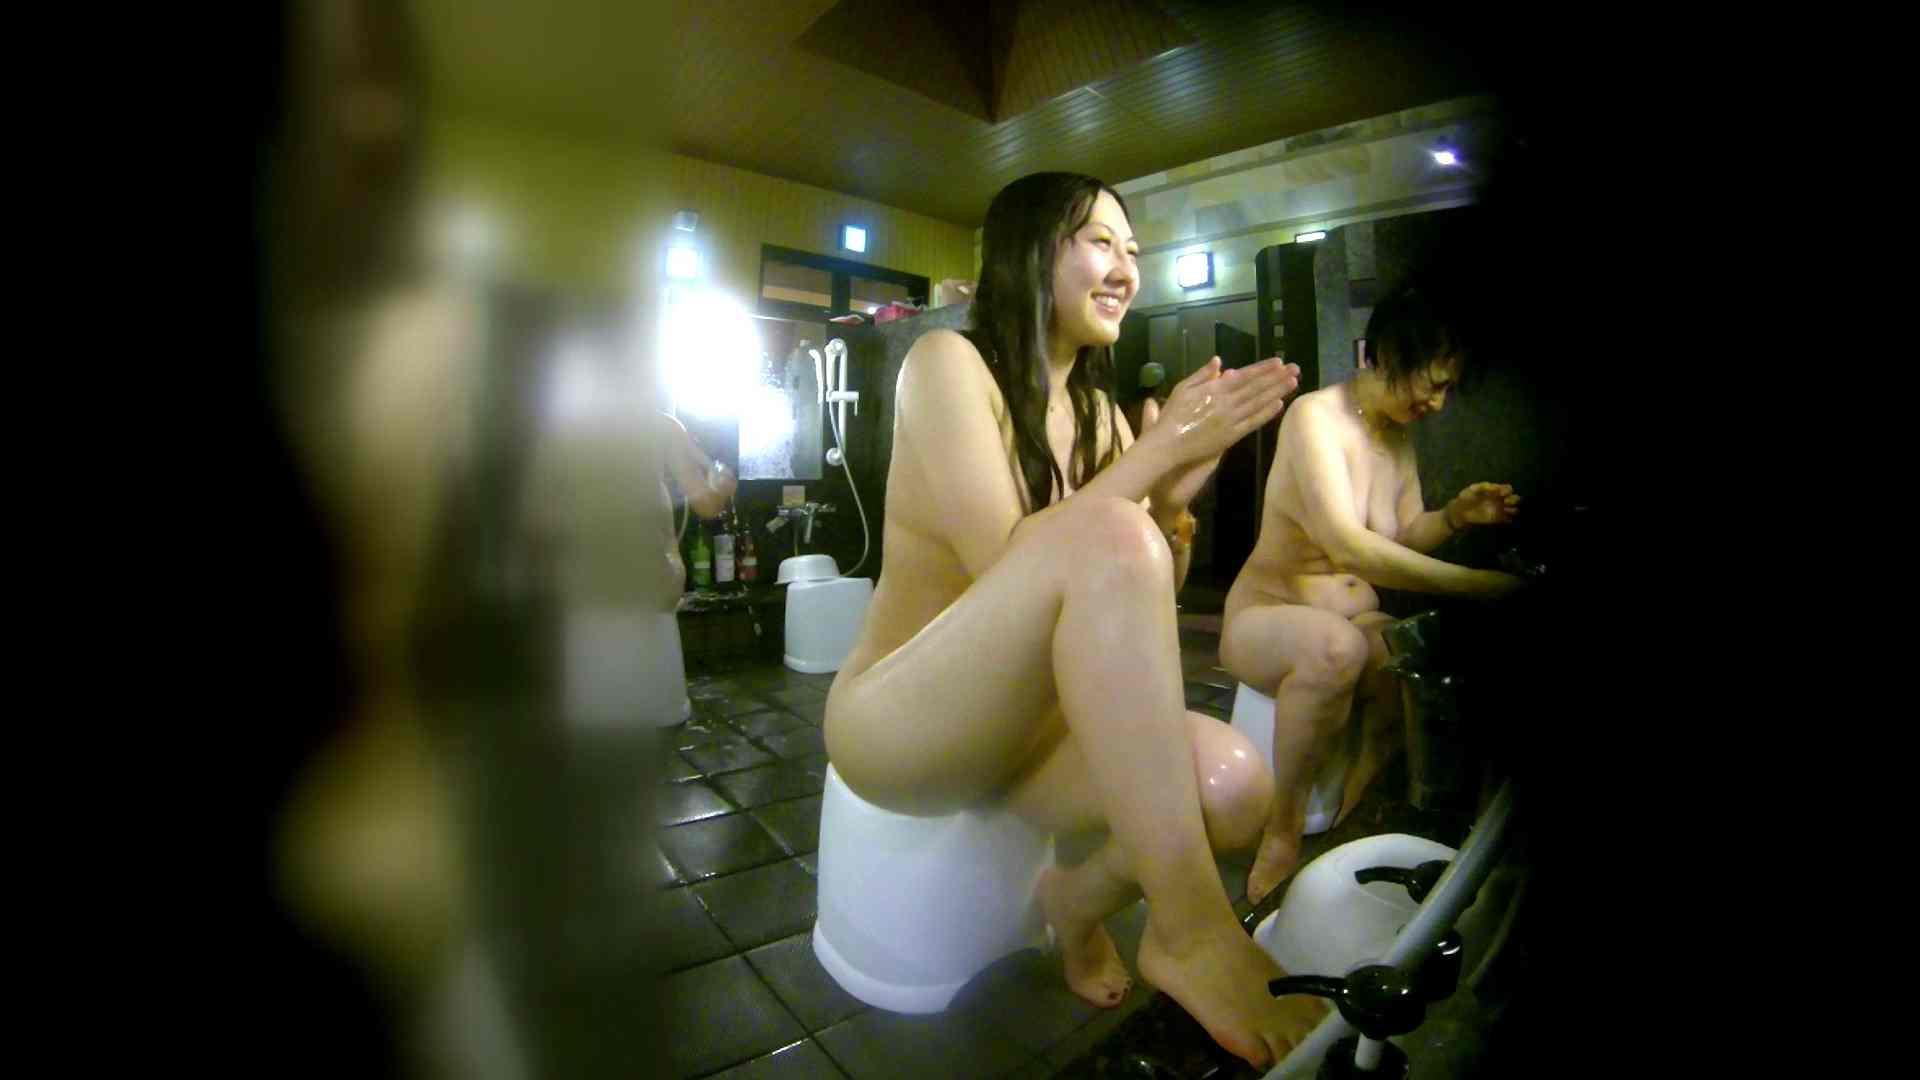 洗い場!右足の位置がいいですね。陰毛もっさり! 銭湯事情 オメコ動画キャプチャ 107枚 27